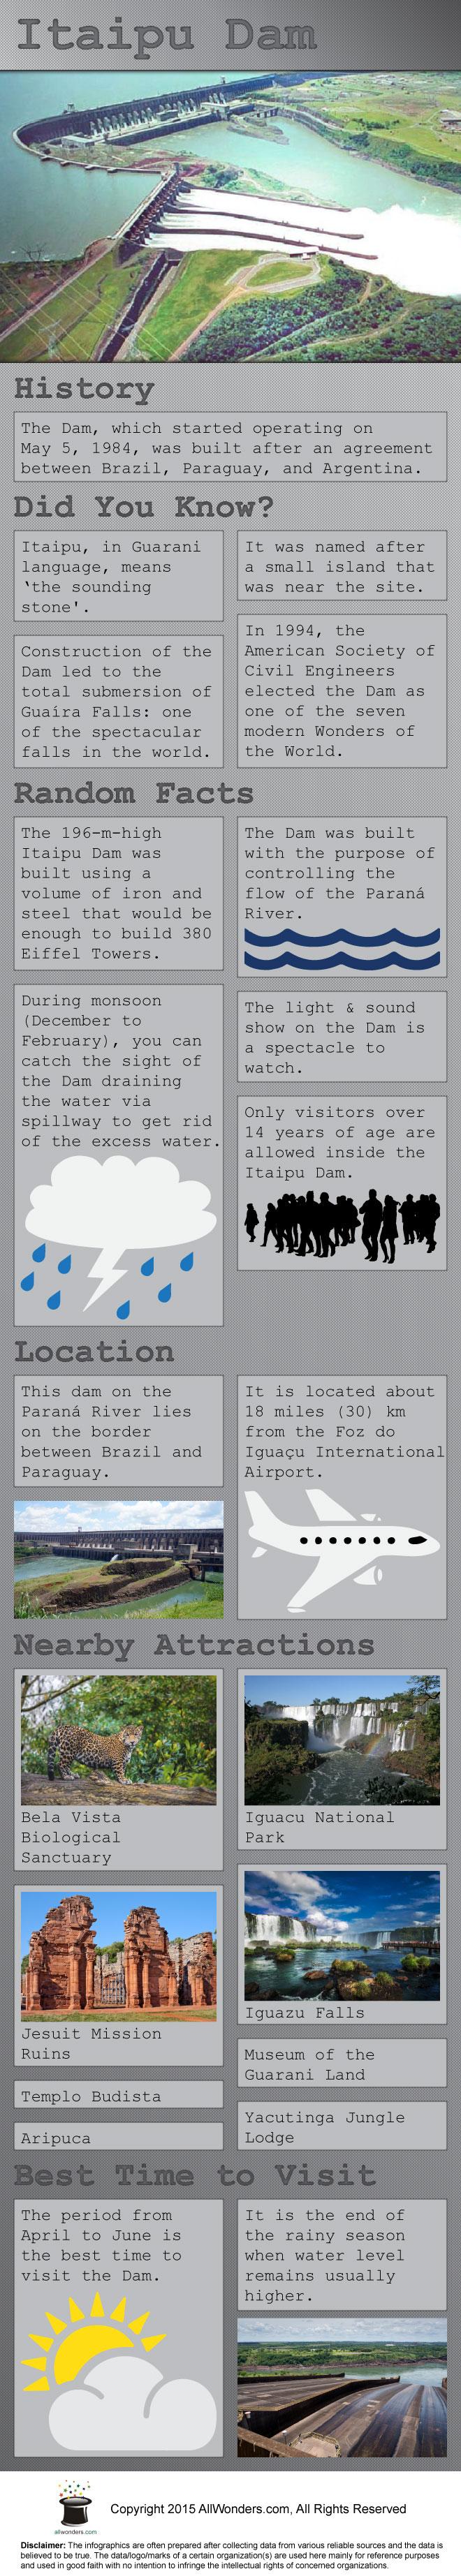 Itaipu Dam Infographic